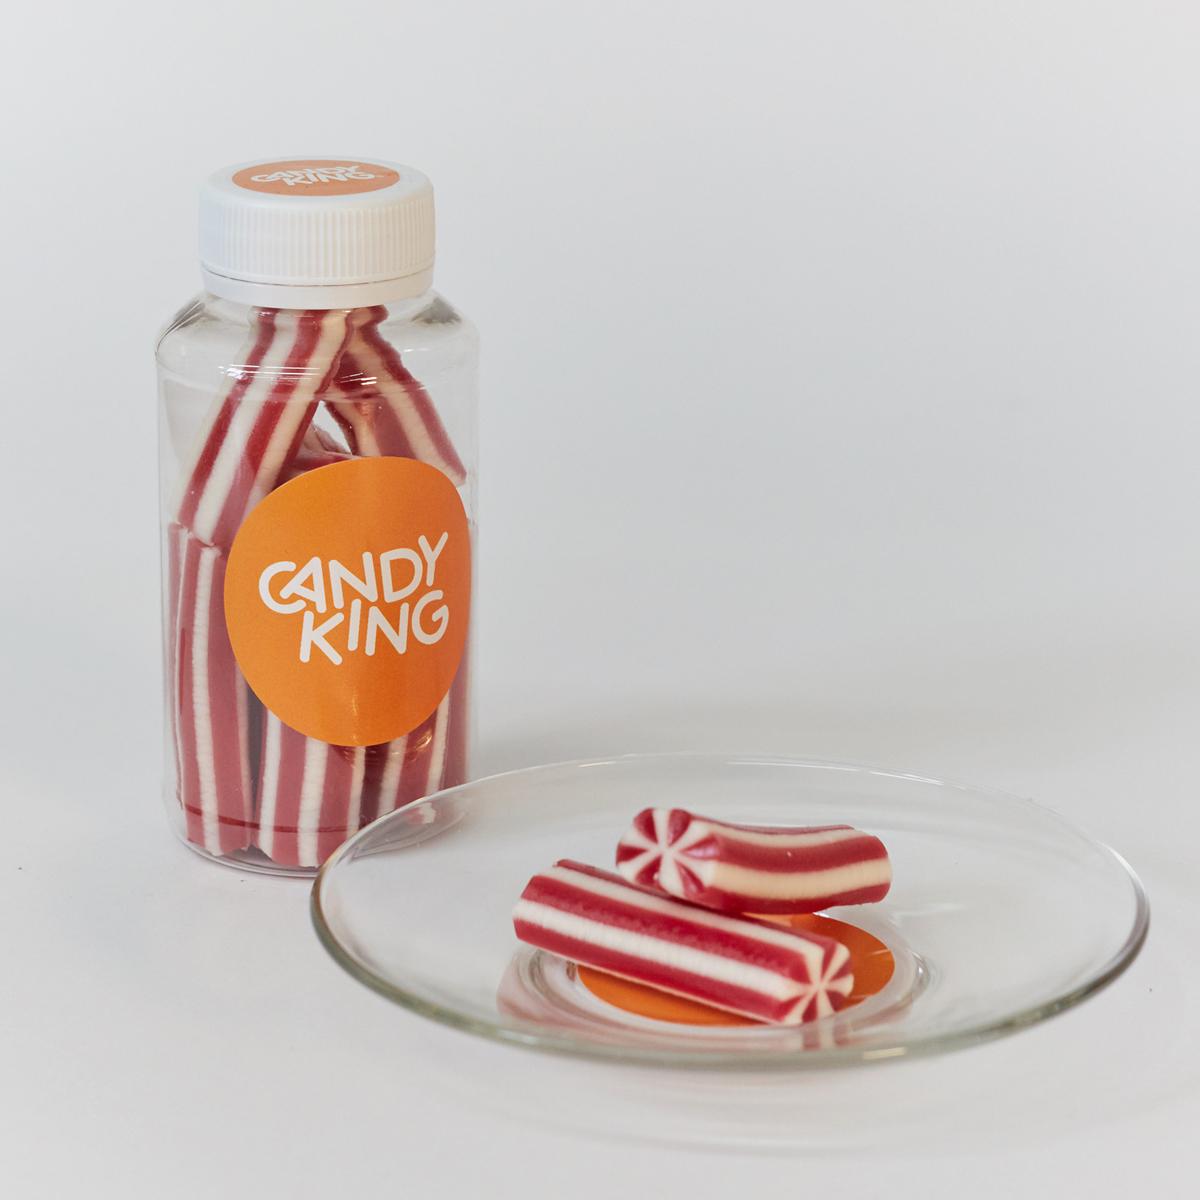 Candy King Клубнично-ванильные палочки Конфета желейная с клубничным вкусом, 200 мл сумка printio радужный енот